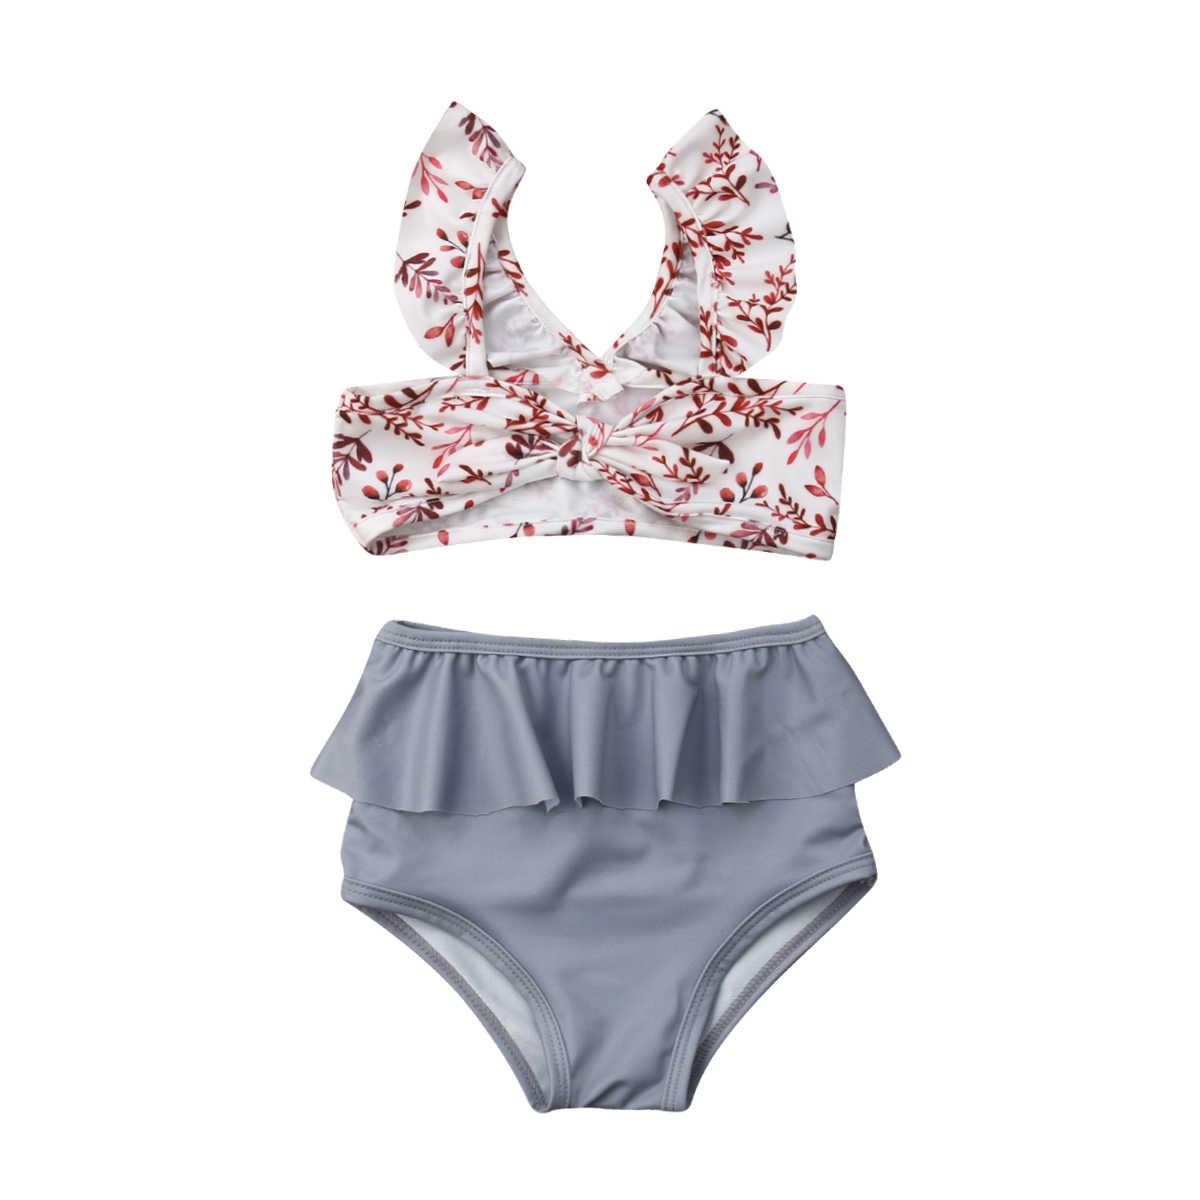 Hot 2 Stuks Peuter Baby Girl Leopard Bloemenprint Badmode Bandage Ruches Kids Strand Zomer Badpak Bikini Set Badpak